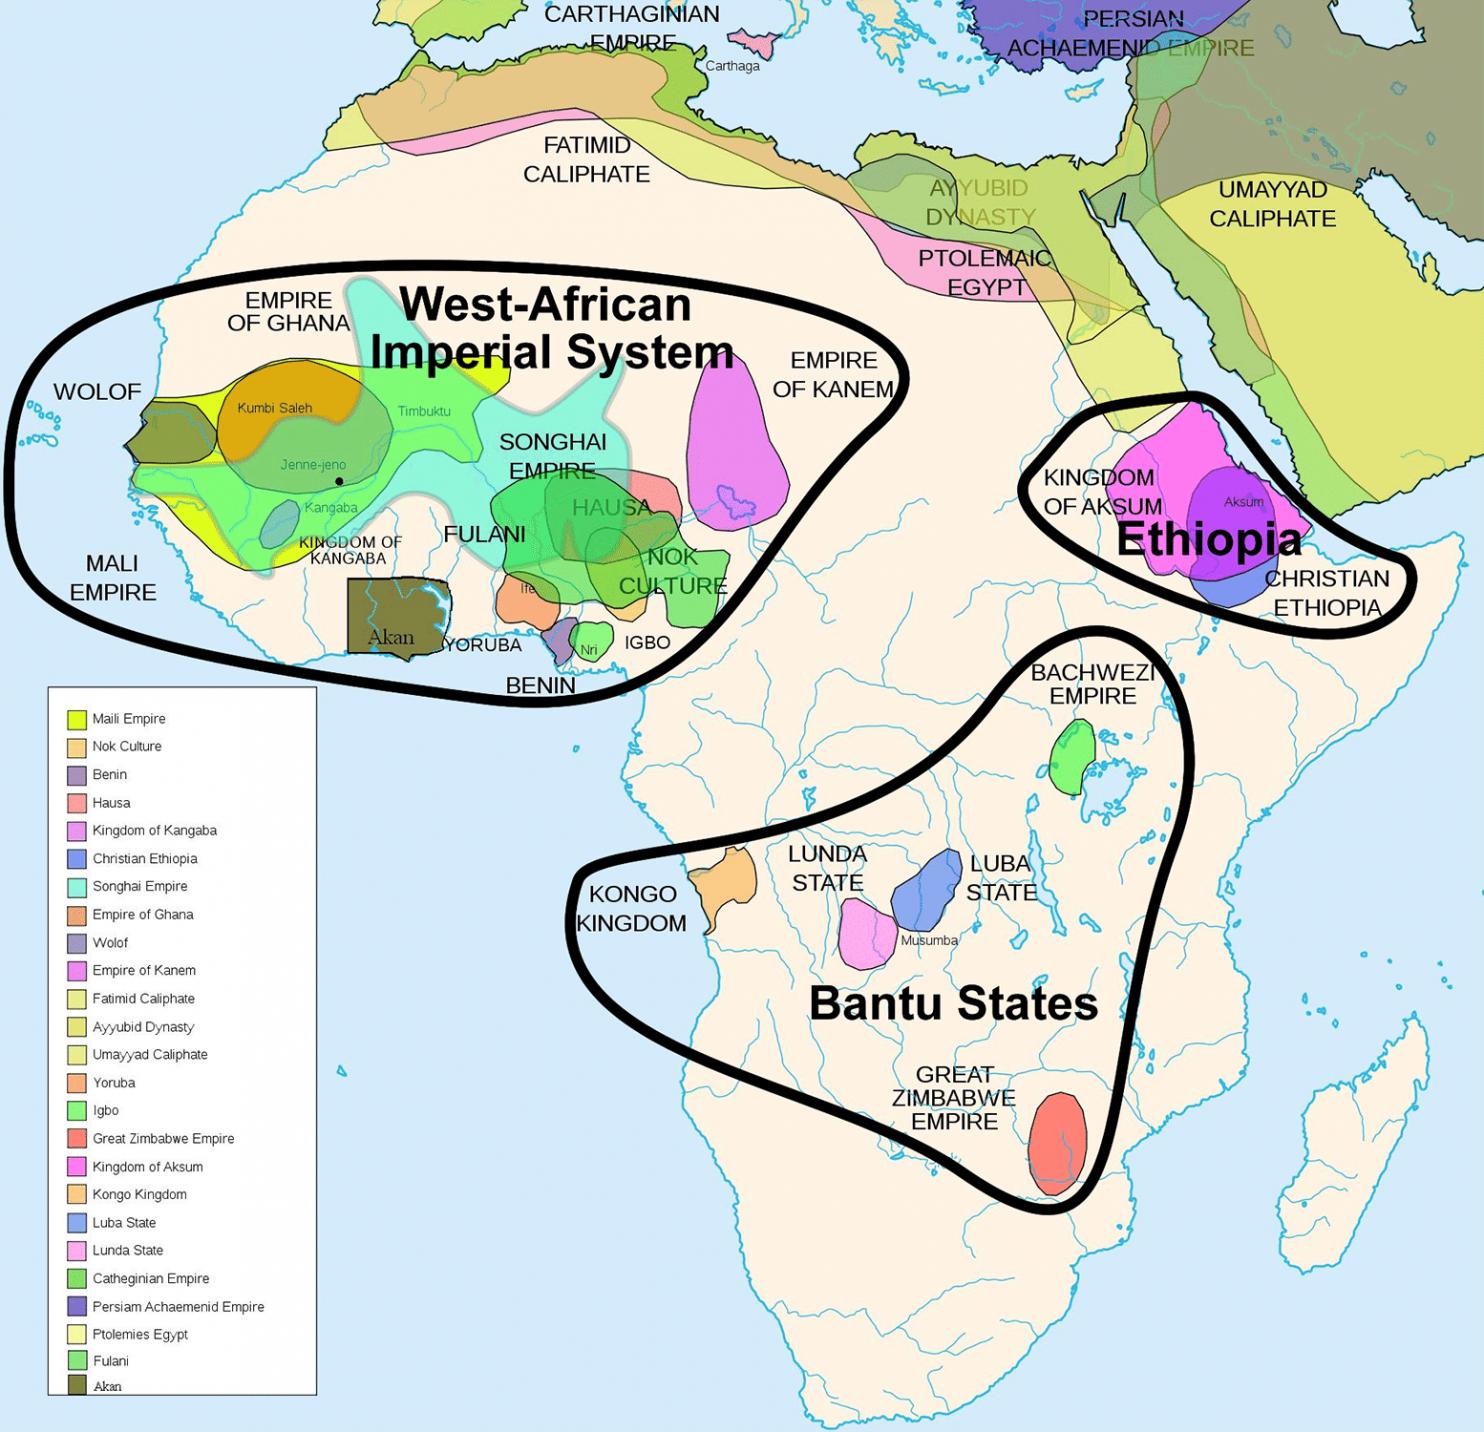 Los imperios de frica antes del colonialismo  Etnico